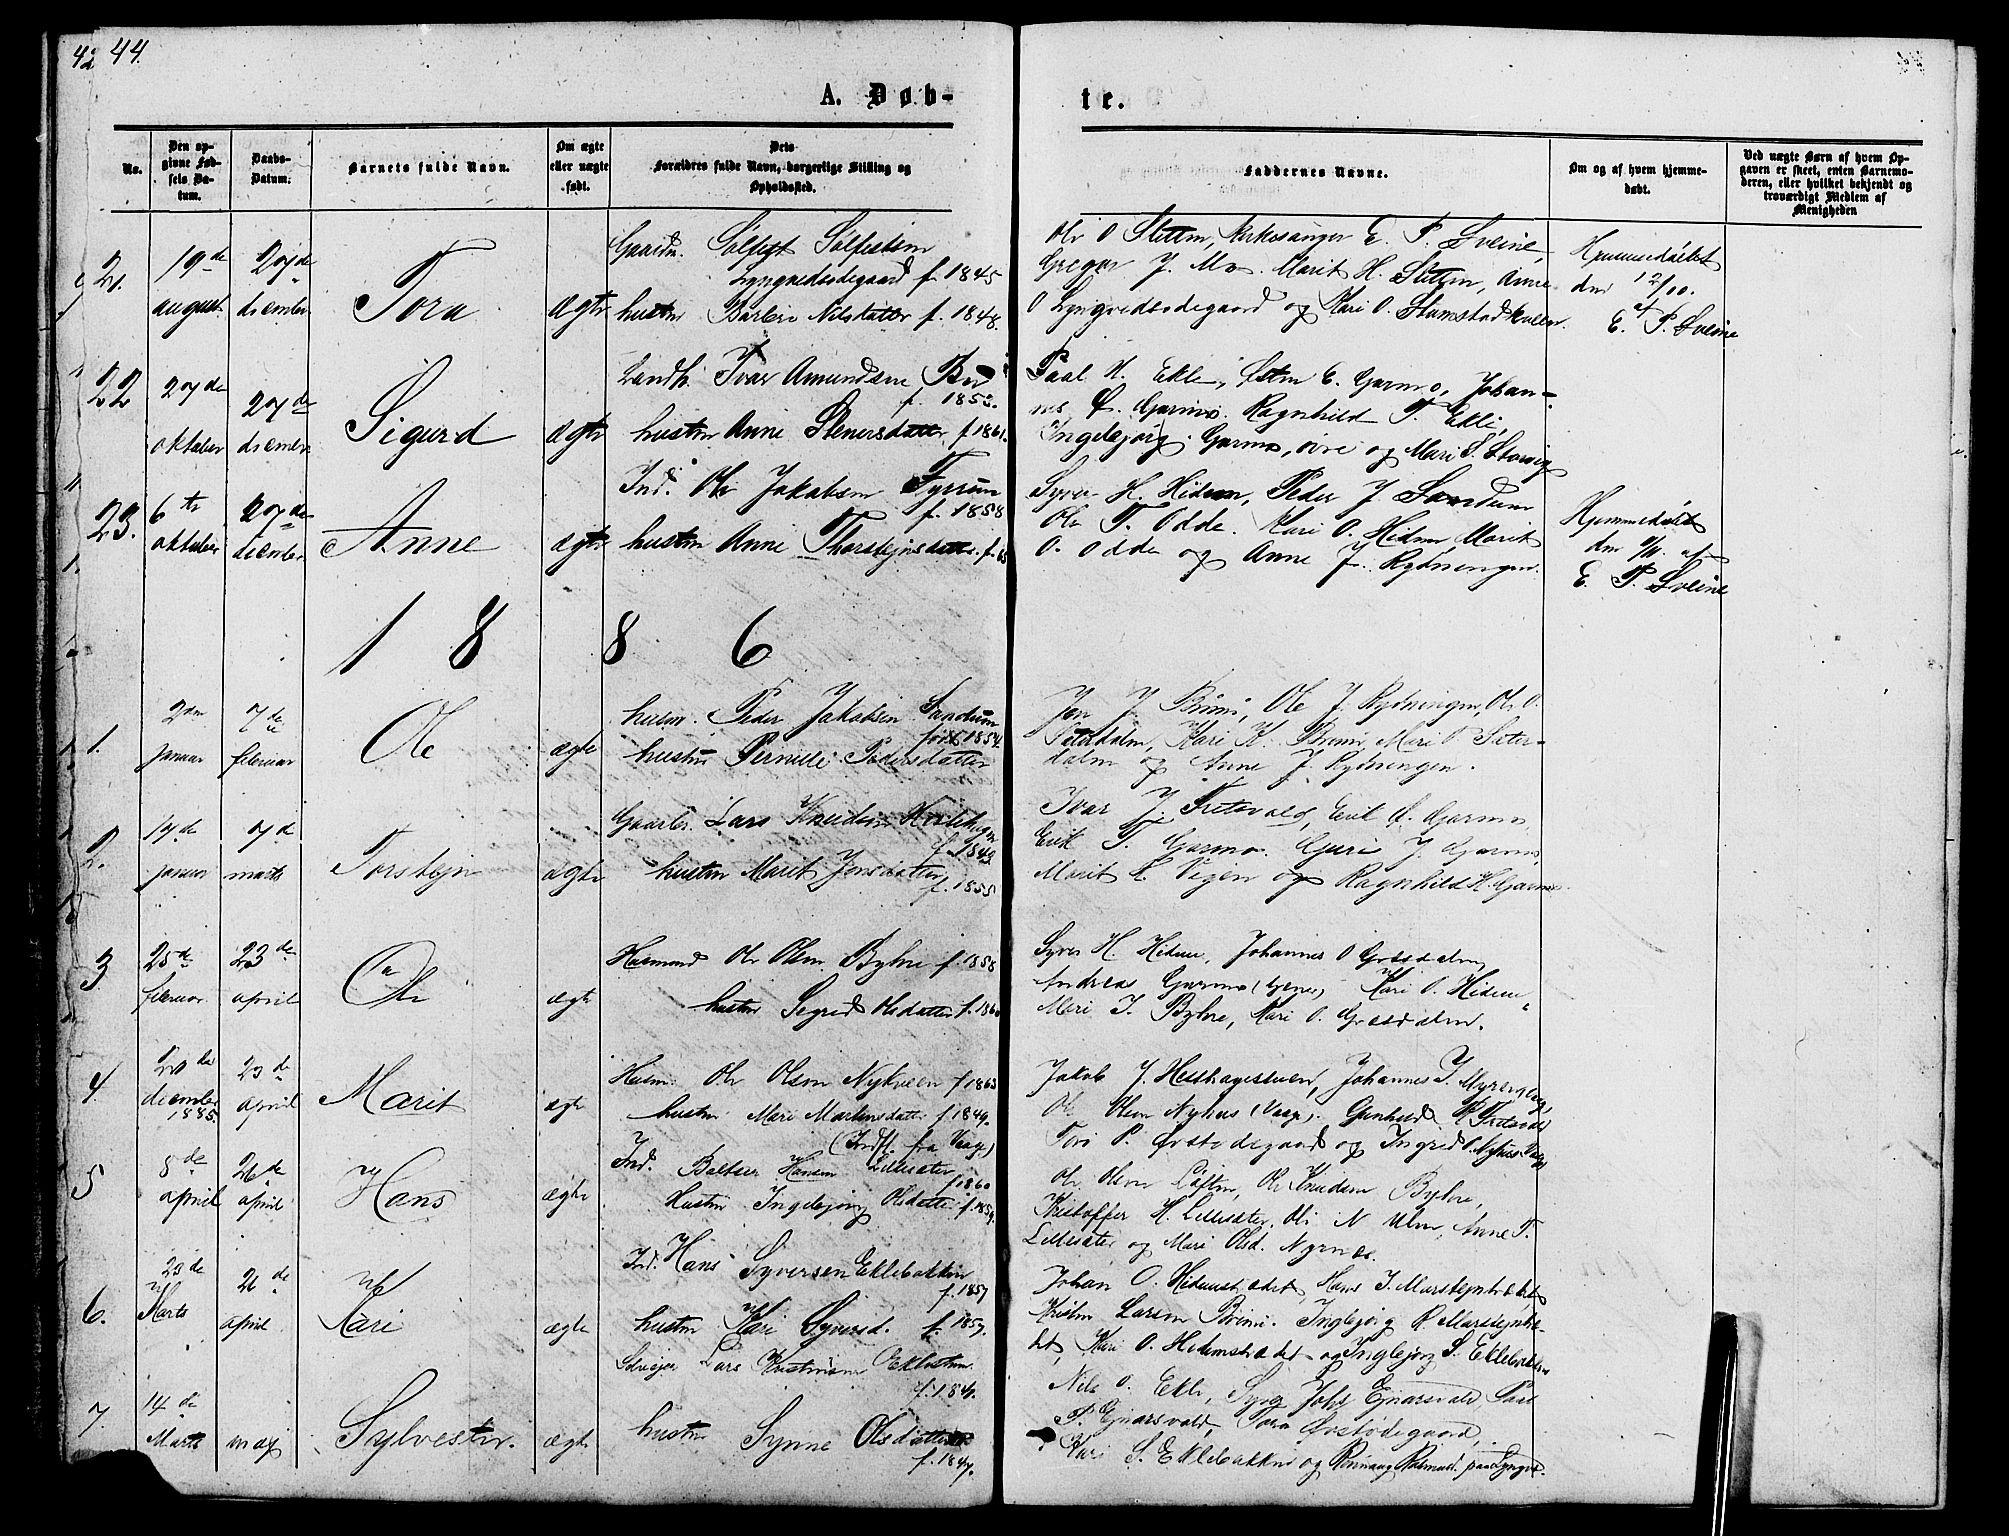 SAH, Lom prestekontor, L/L0005: Klokkerbok nr. 5, 1876-1901, s. 44-45